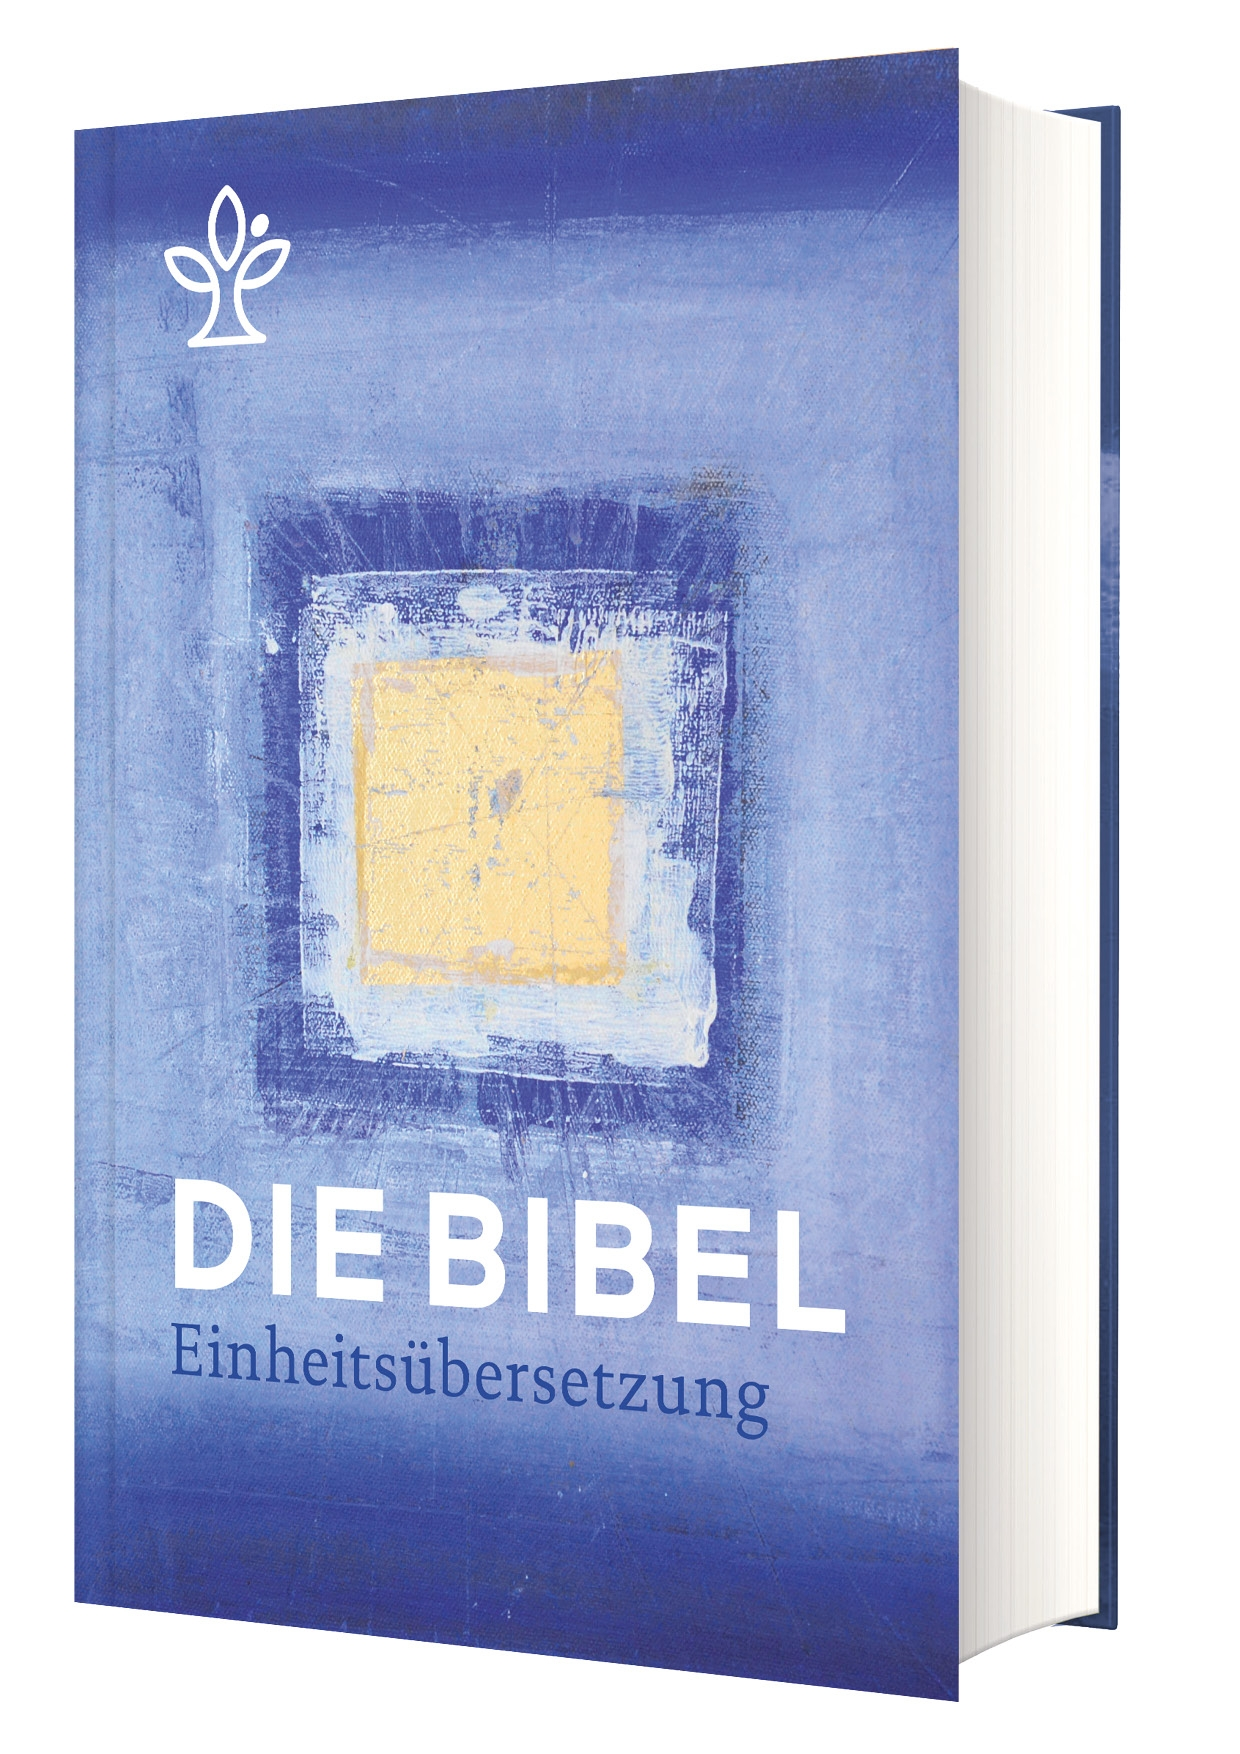 Die Bibel - Einheitsübersetzung - Jahresedition 2021